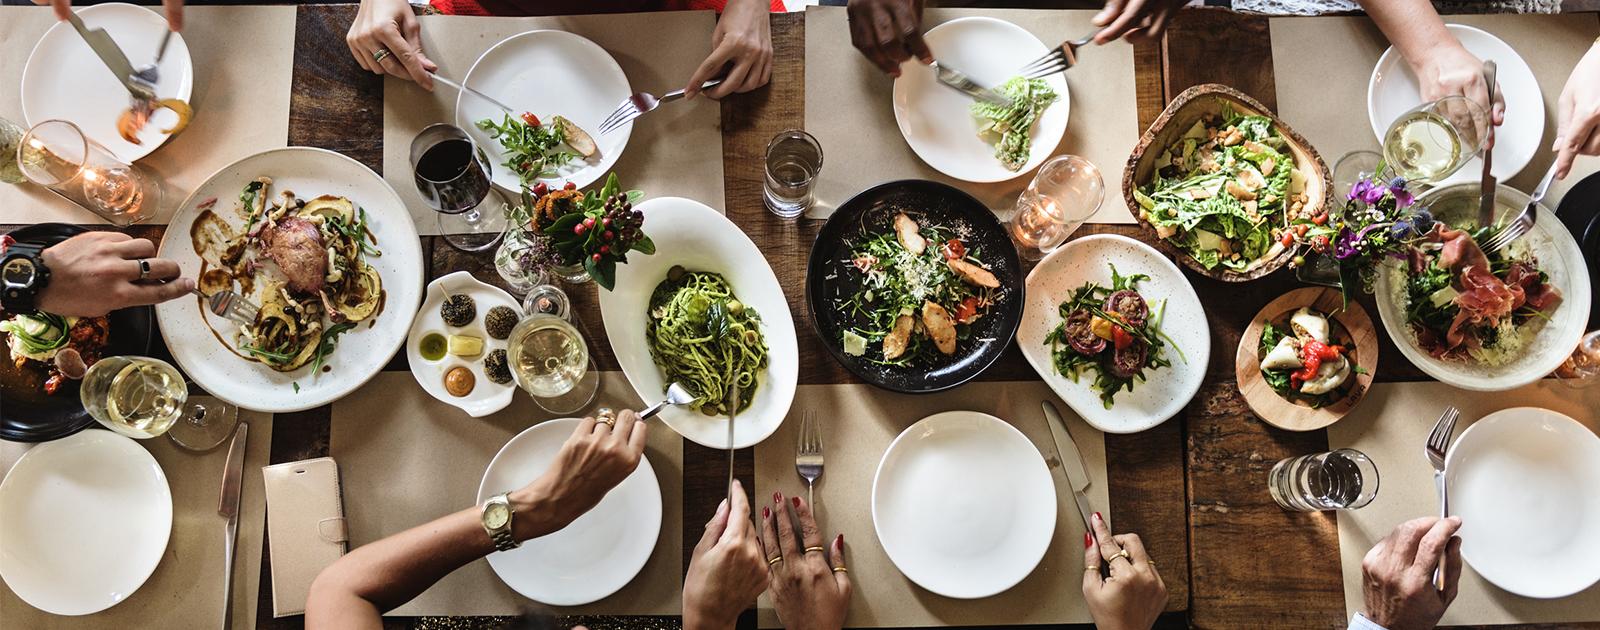 Nourriture en partage